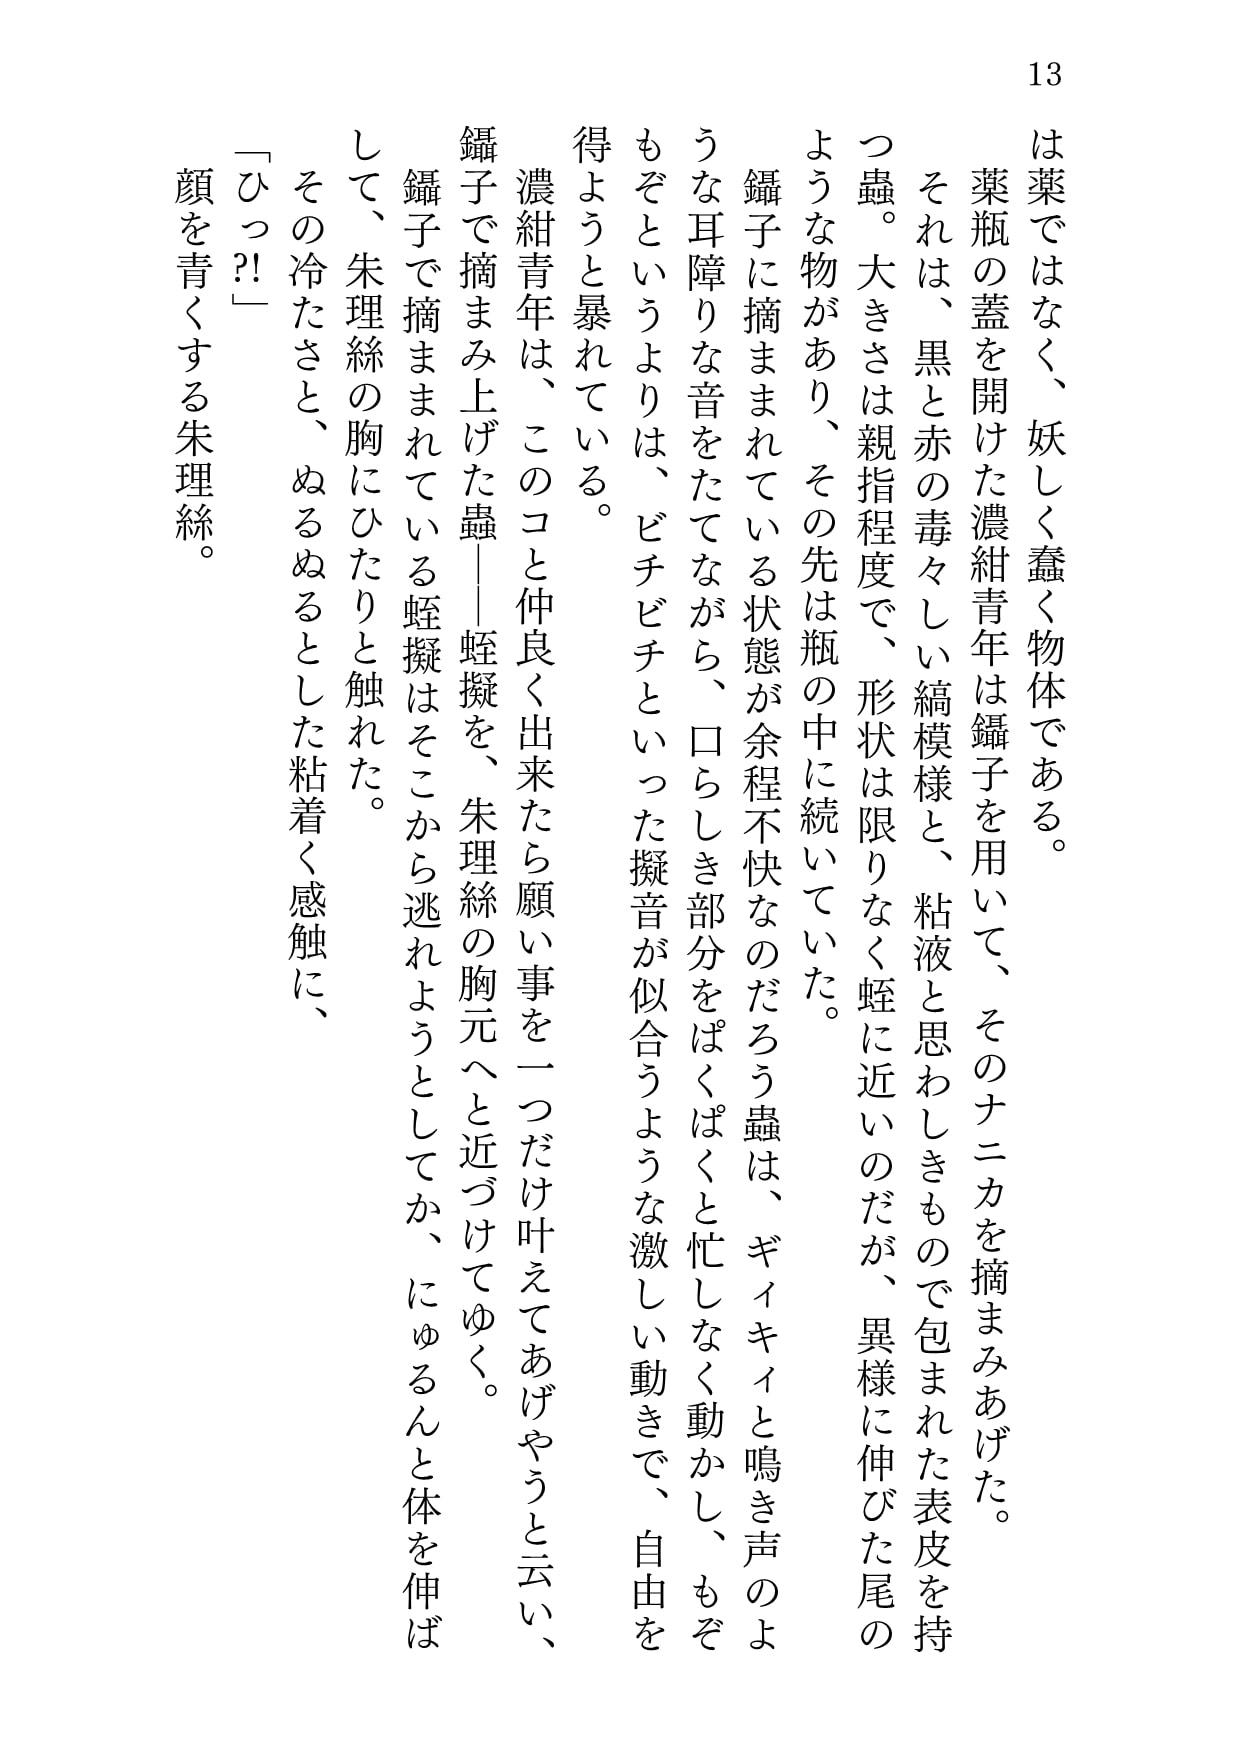 RJ318542 マナツニミルマヒルノユメ [20210504]